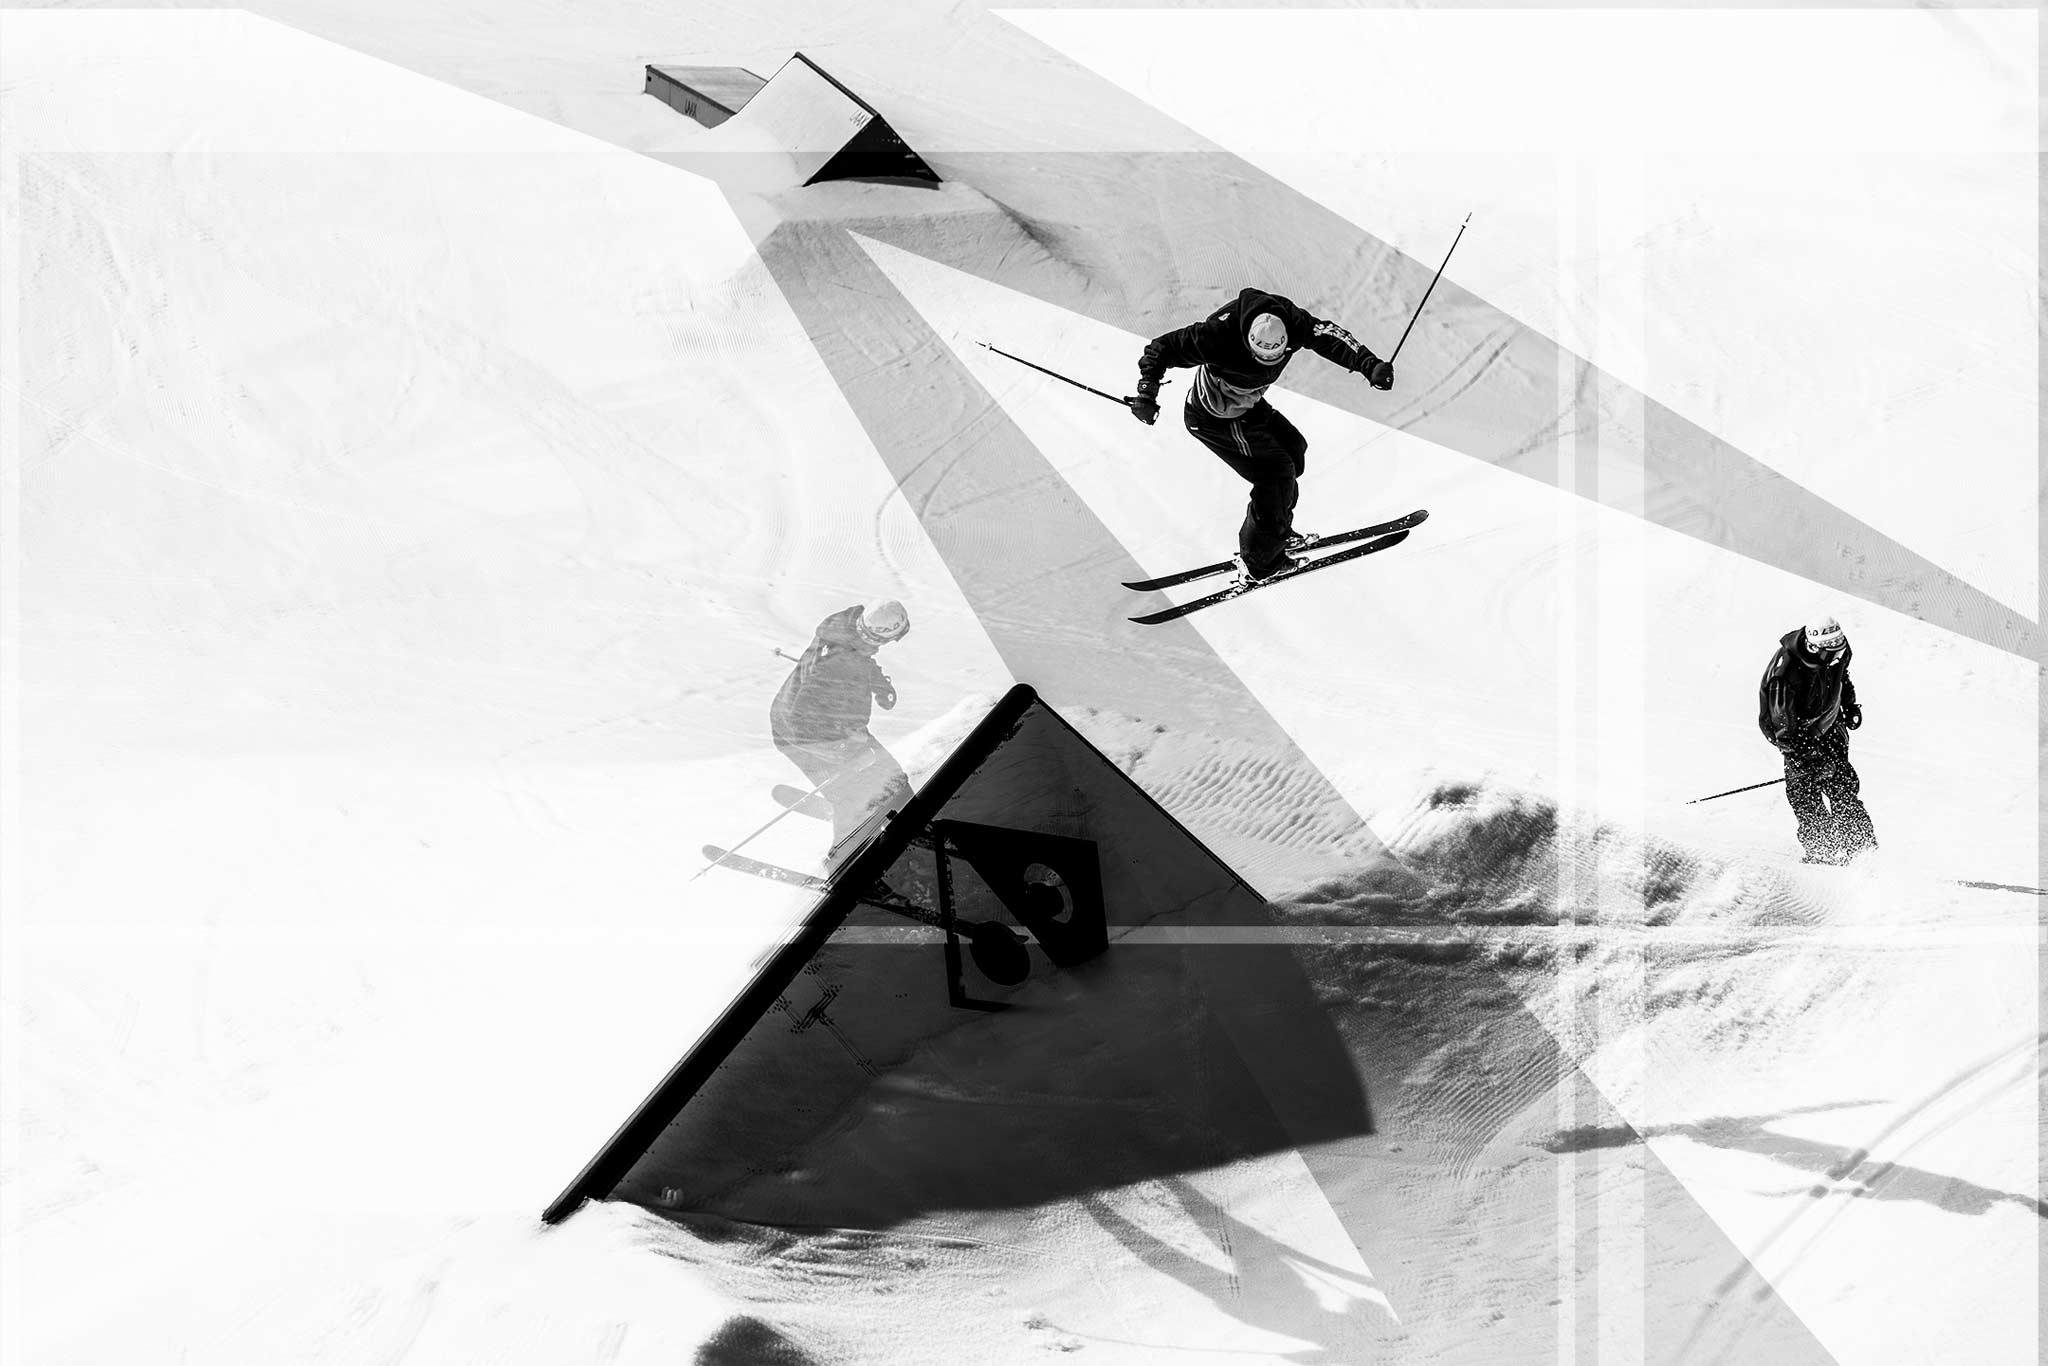 Galerie: Snowpark LAAX (Almost) Season Ender Weekend